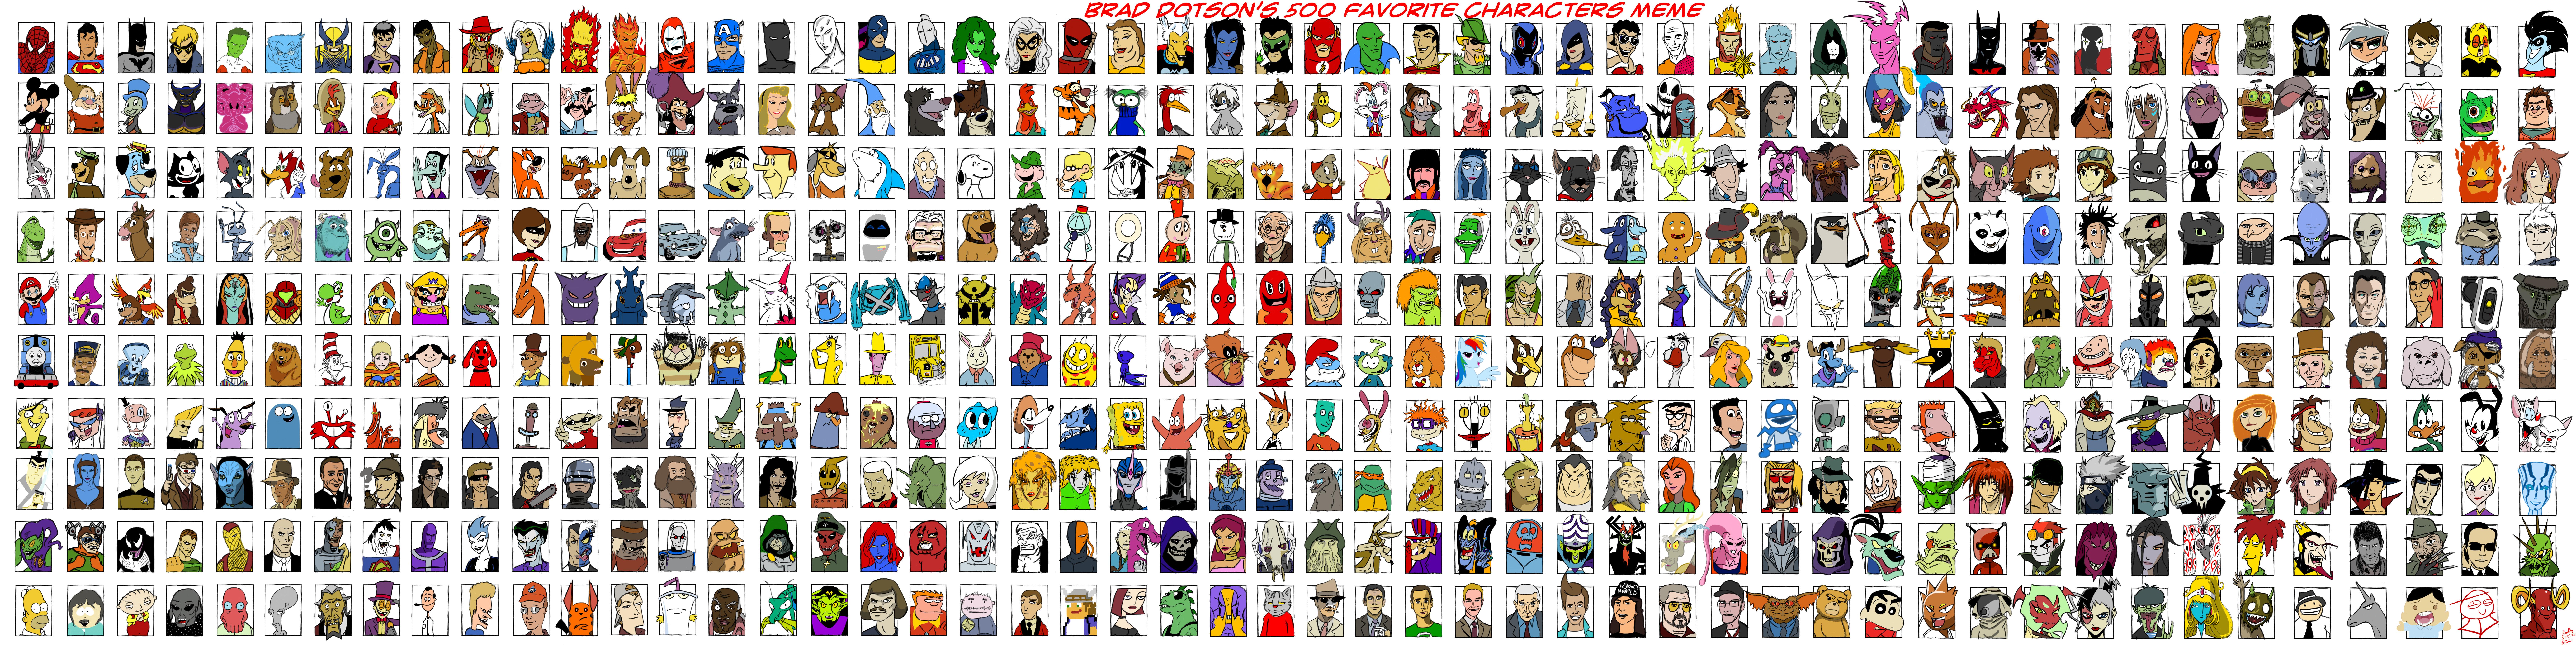 Brad Dotson's 500 Favorite Characters Meme by heatstroke2008